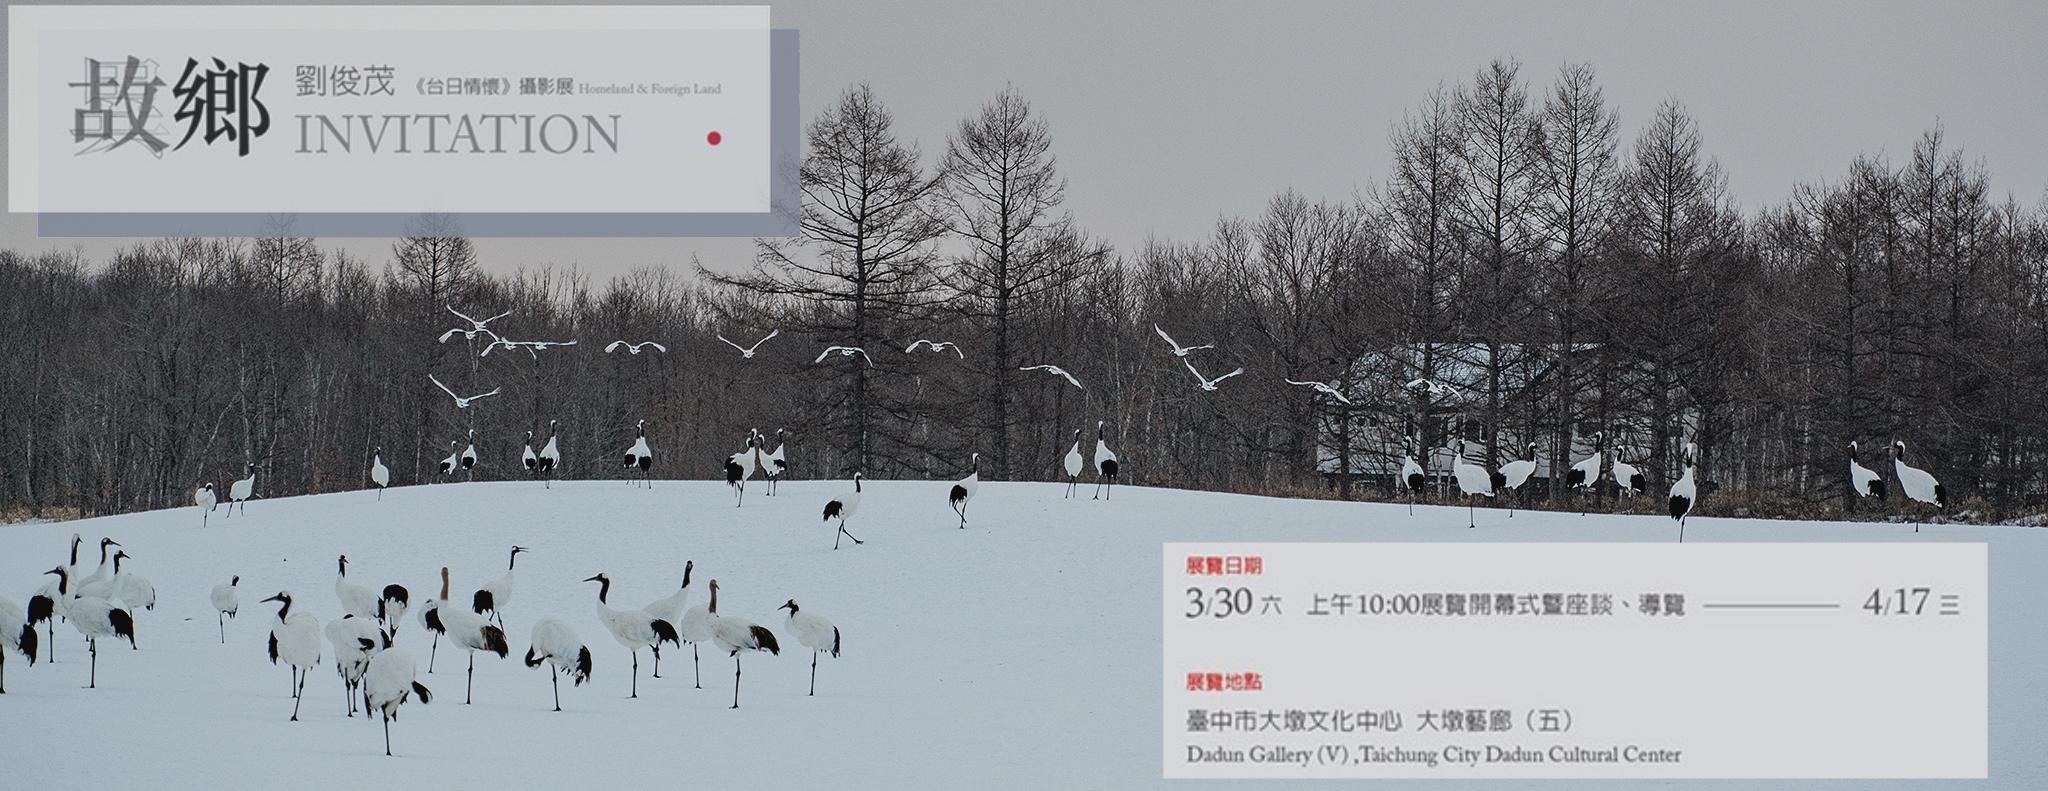 故鄉/異鄉-劉俊茂《台日情懷》攝影展